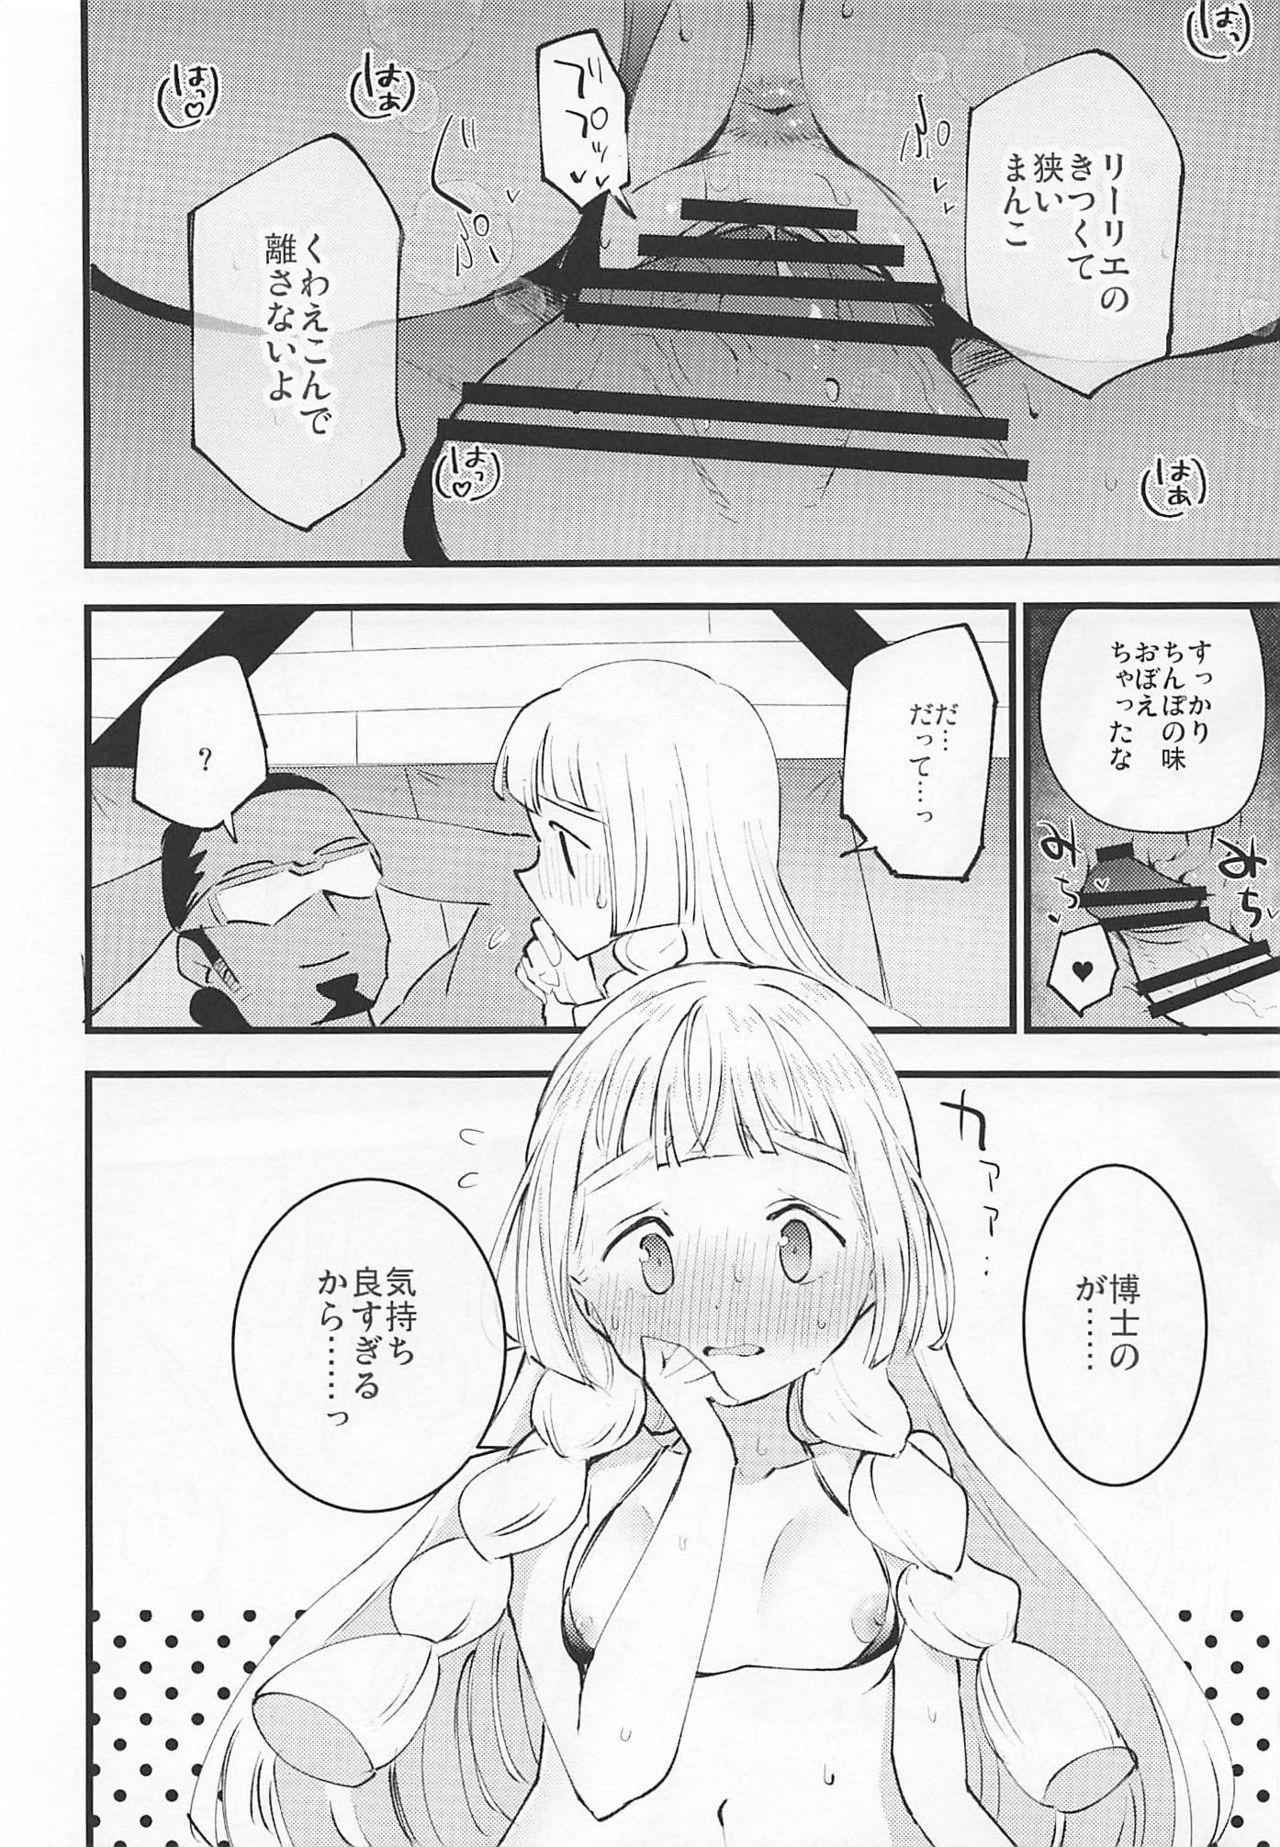 Hakase no Yoru no Joshu. 3 16